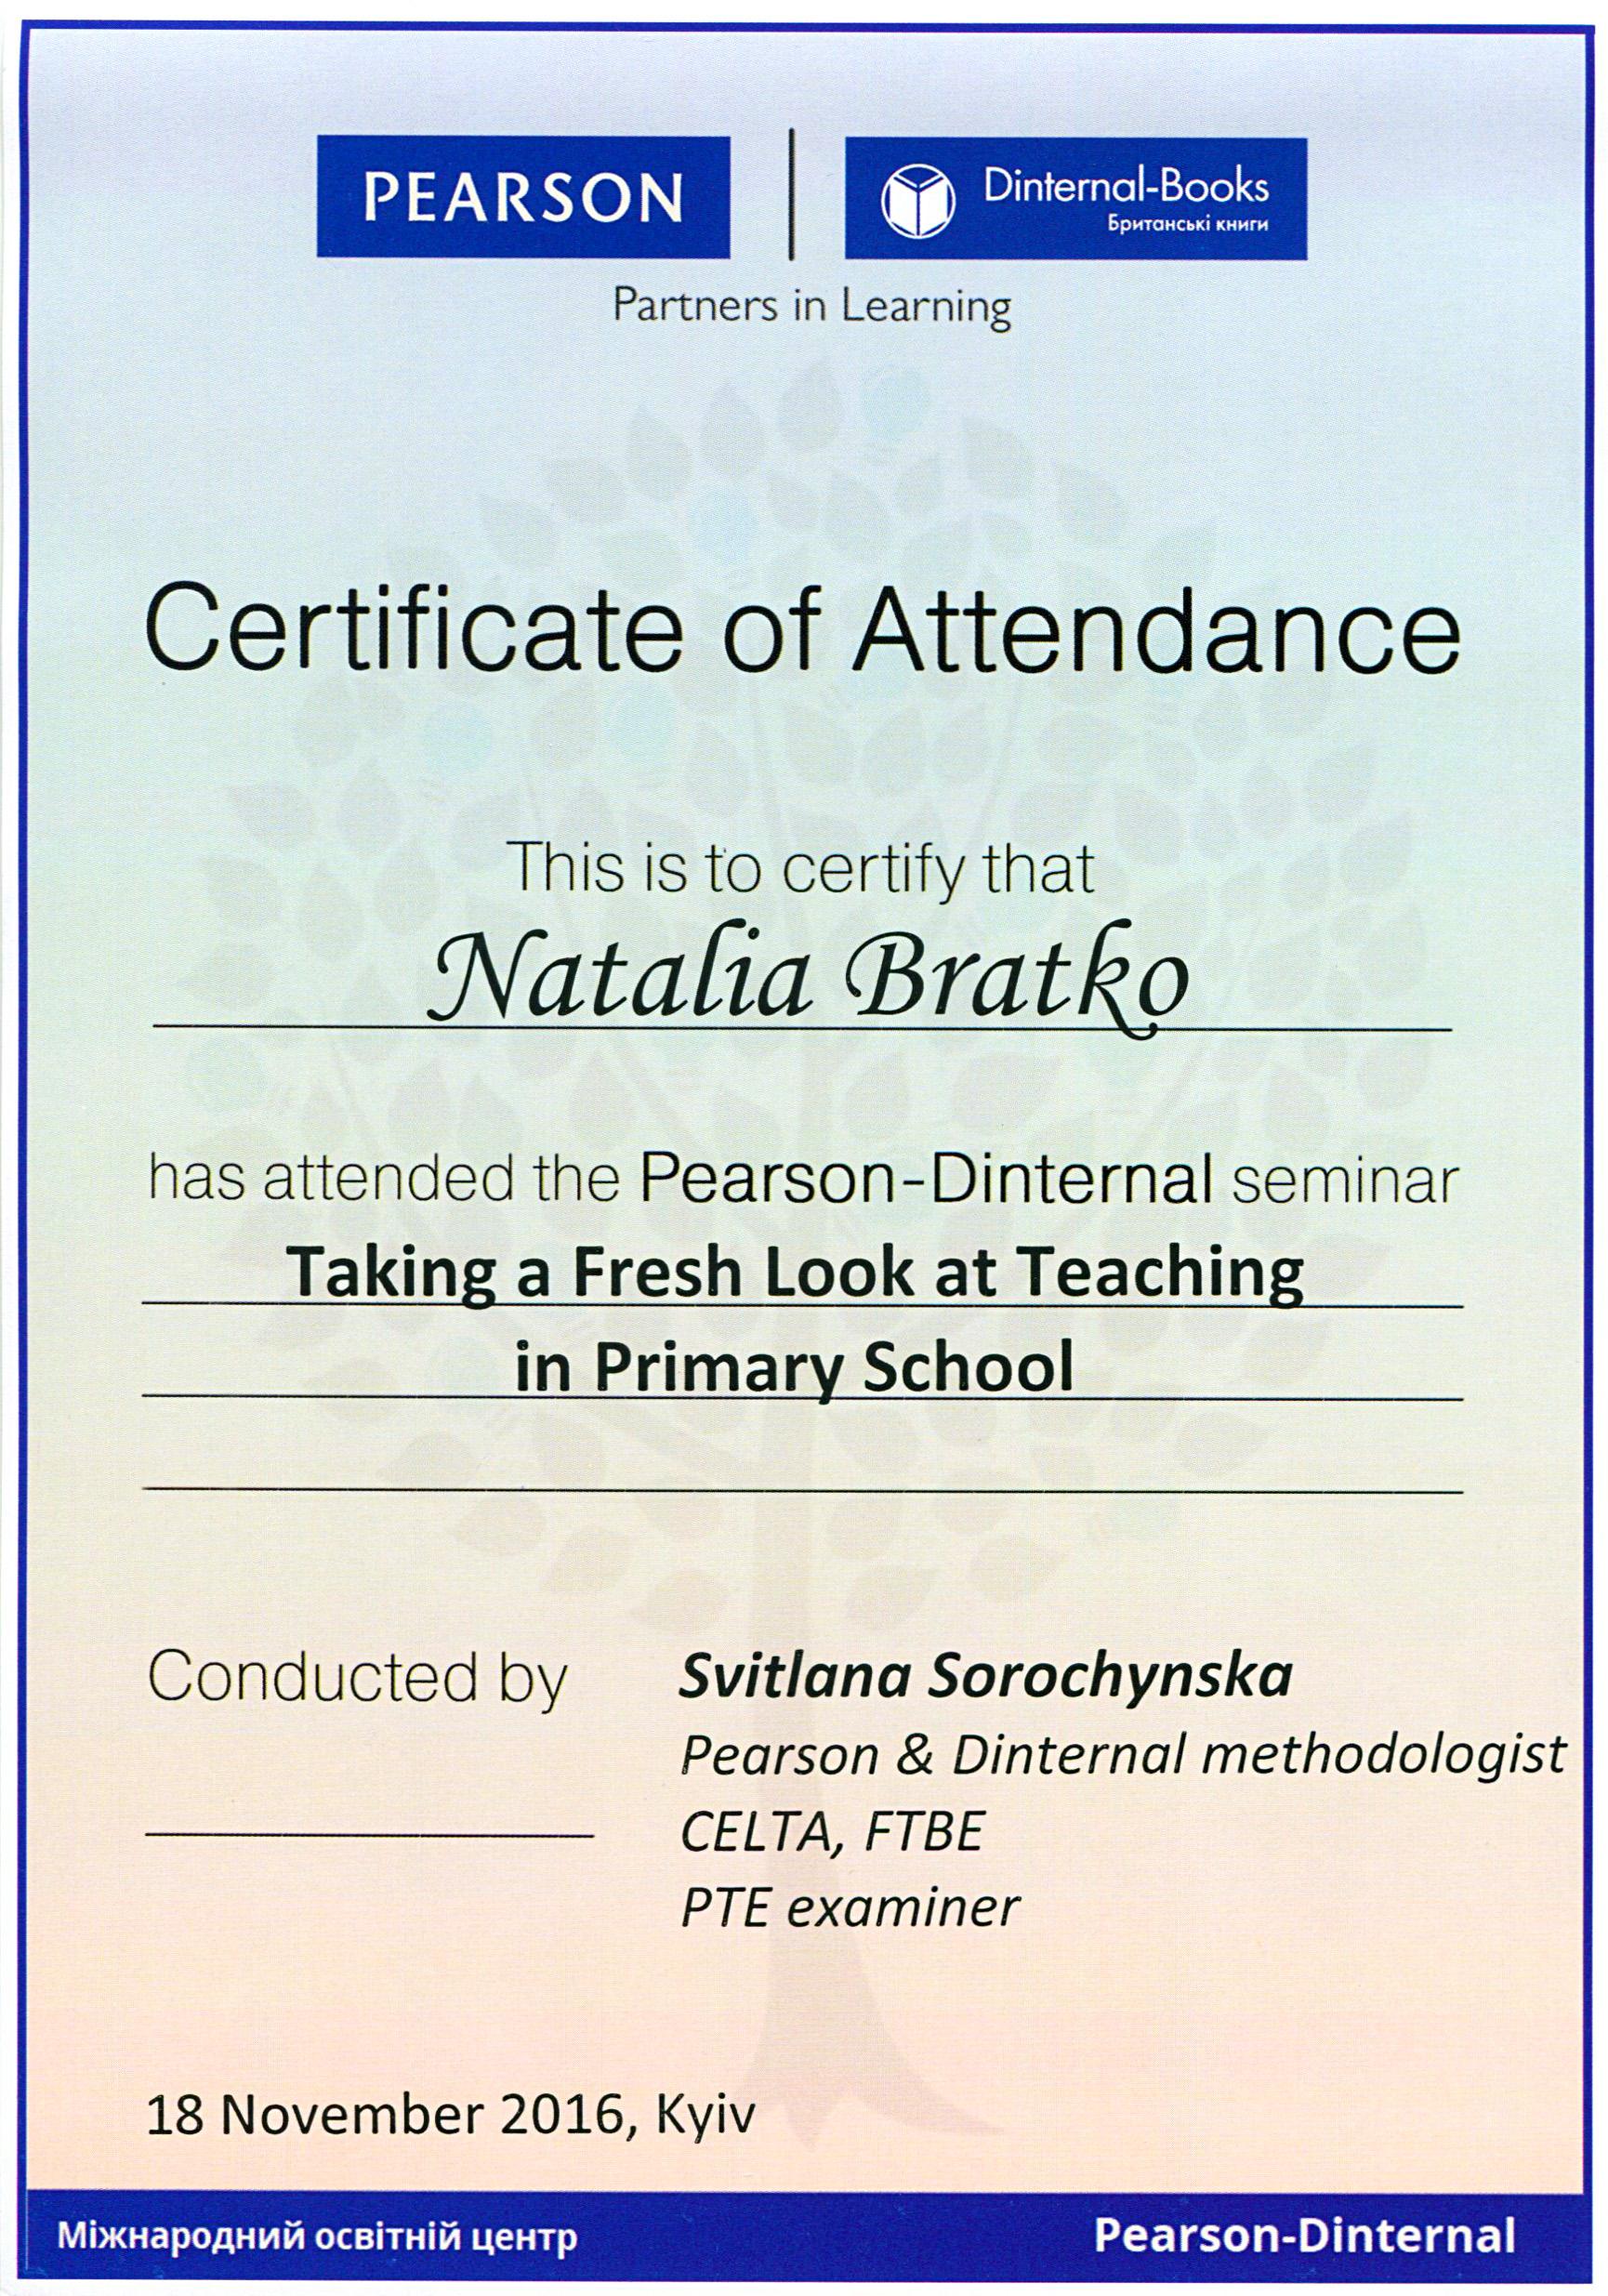 """Сертифікат за відвідування семінару видавництва Dinternal-Book  """"Taking a Fresh Look at Teaching in Primary School"""""""